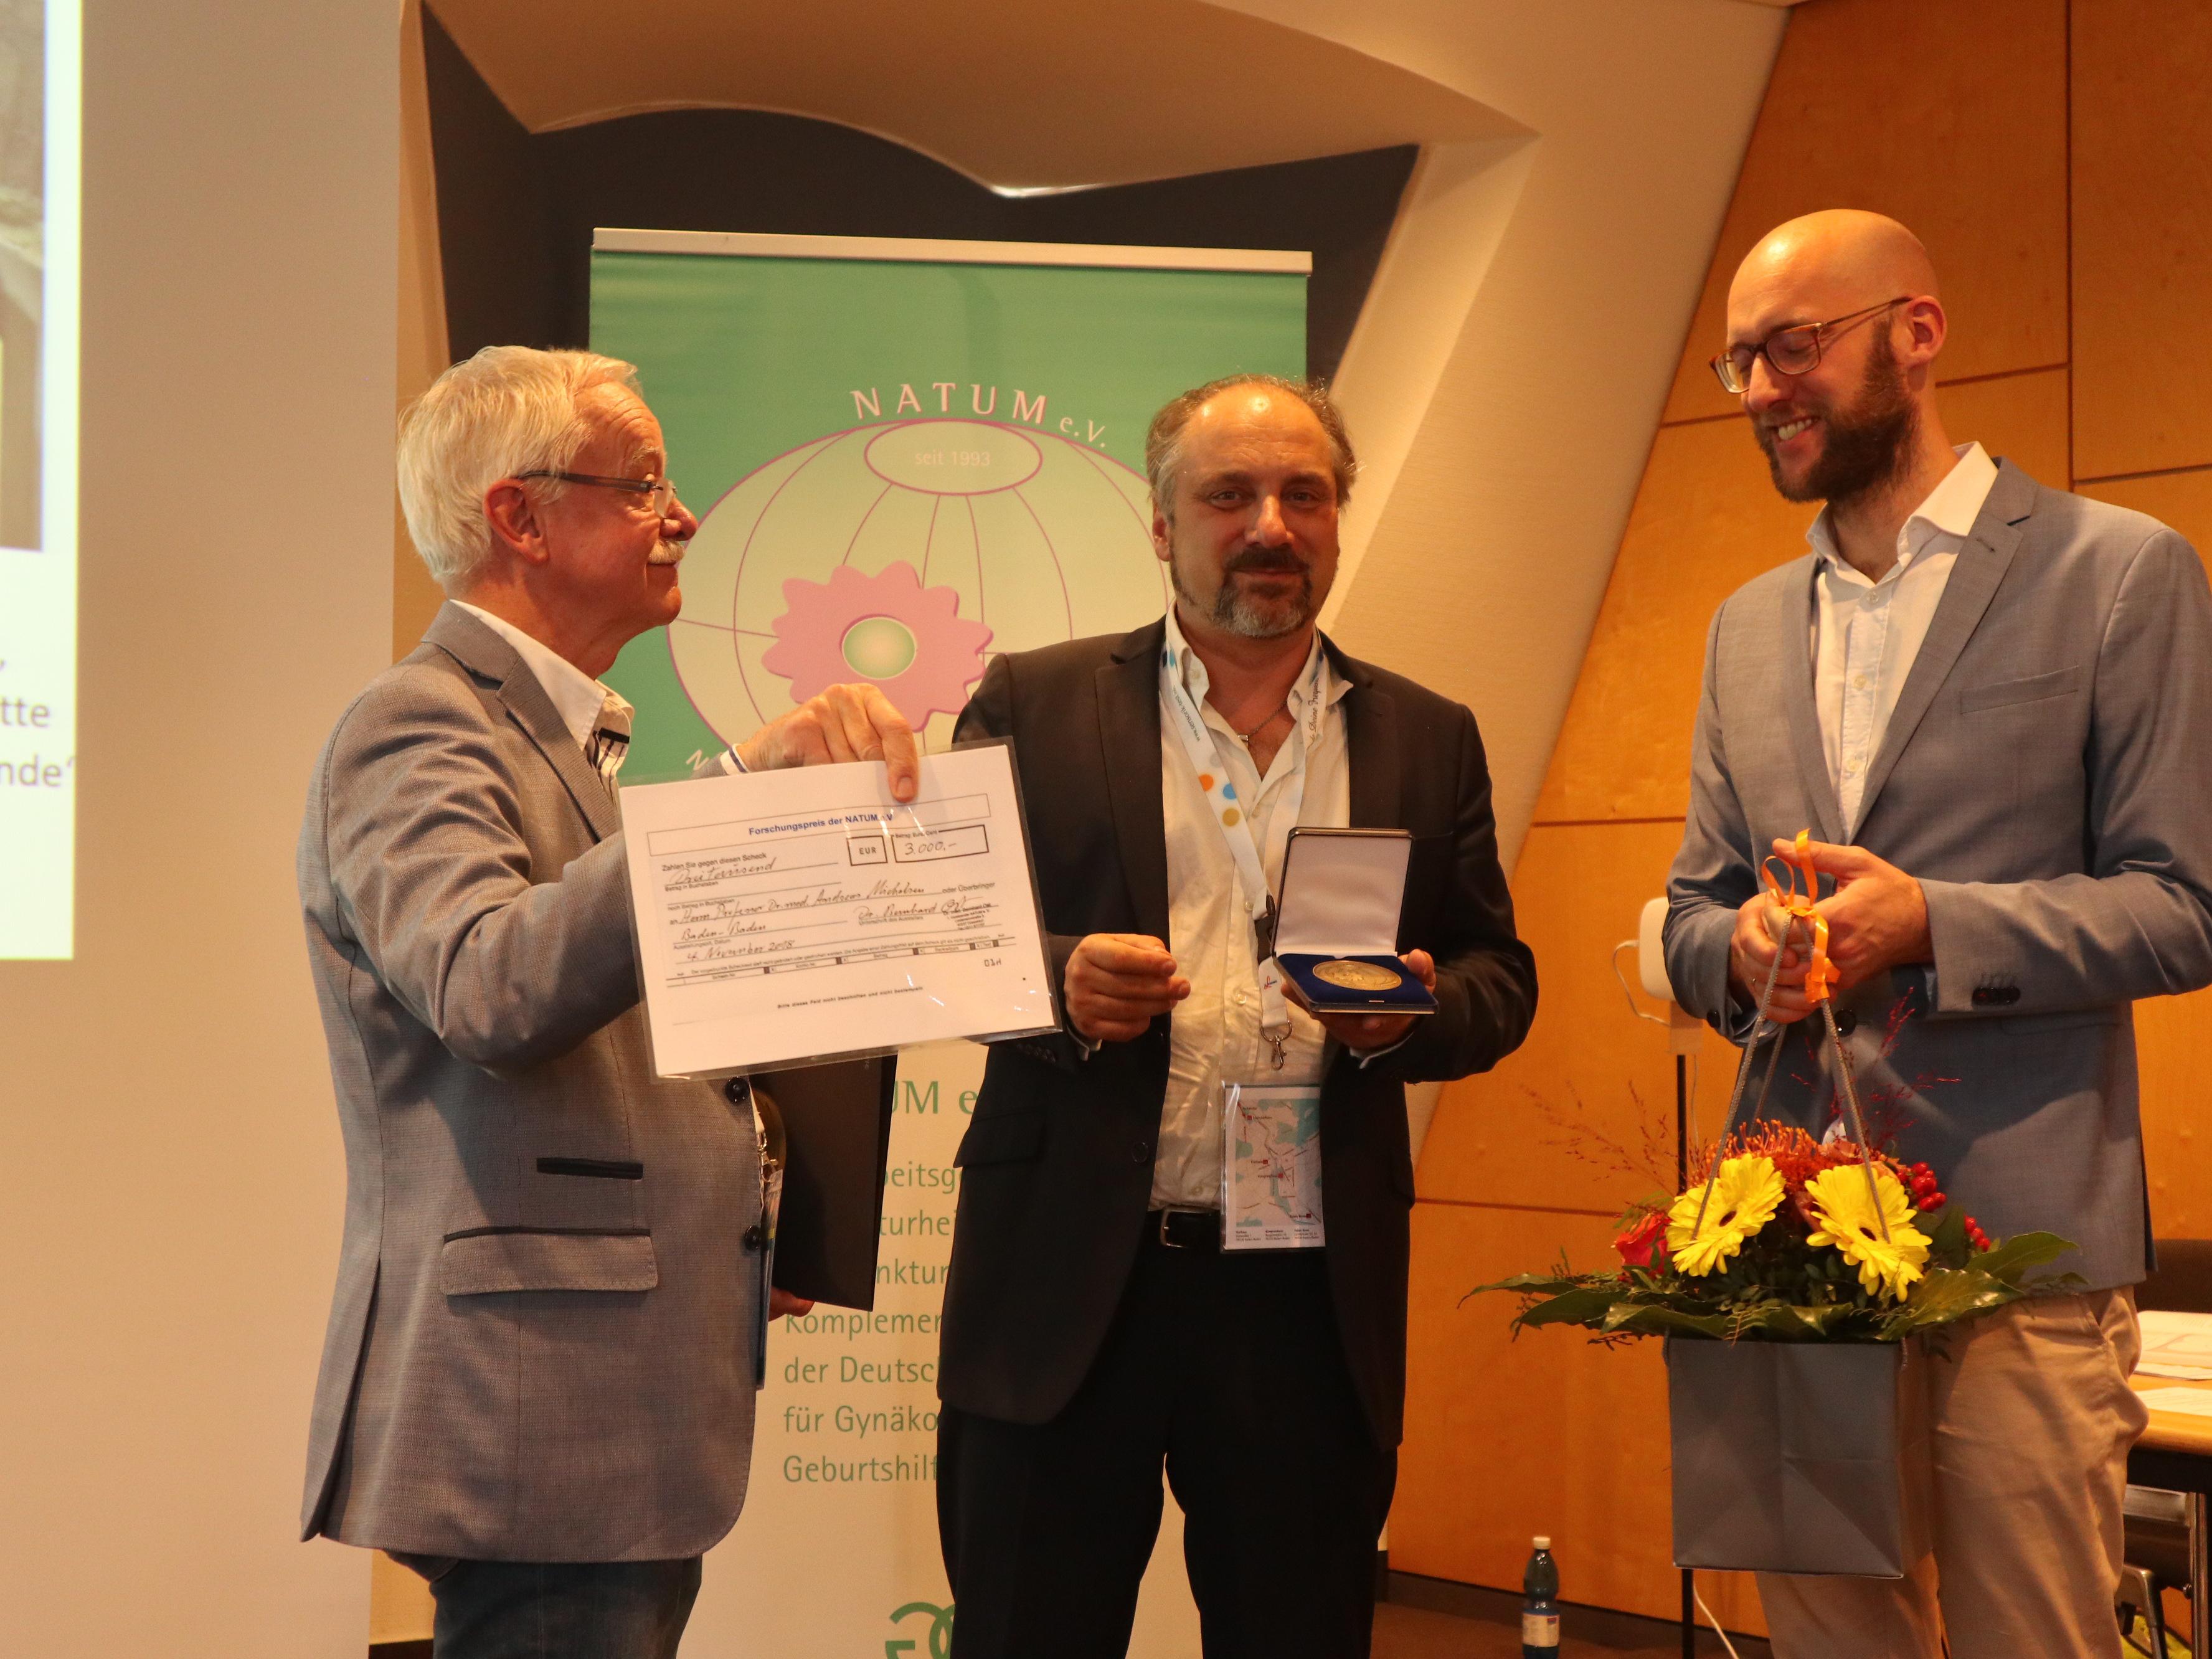 52. Medizinischen Woche Baden-Baden Teil 1: Vortragsreihe und Verleihung des Forschungspreises der NATUM